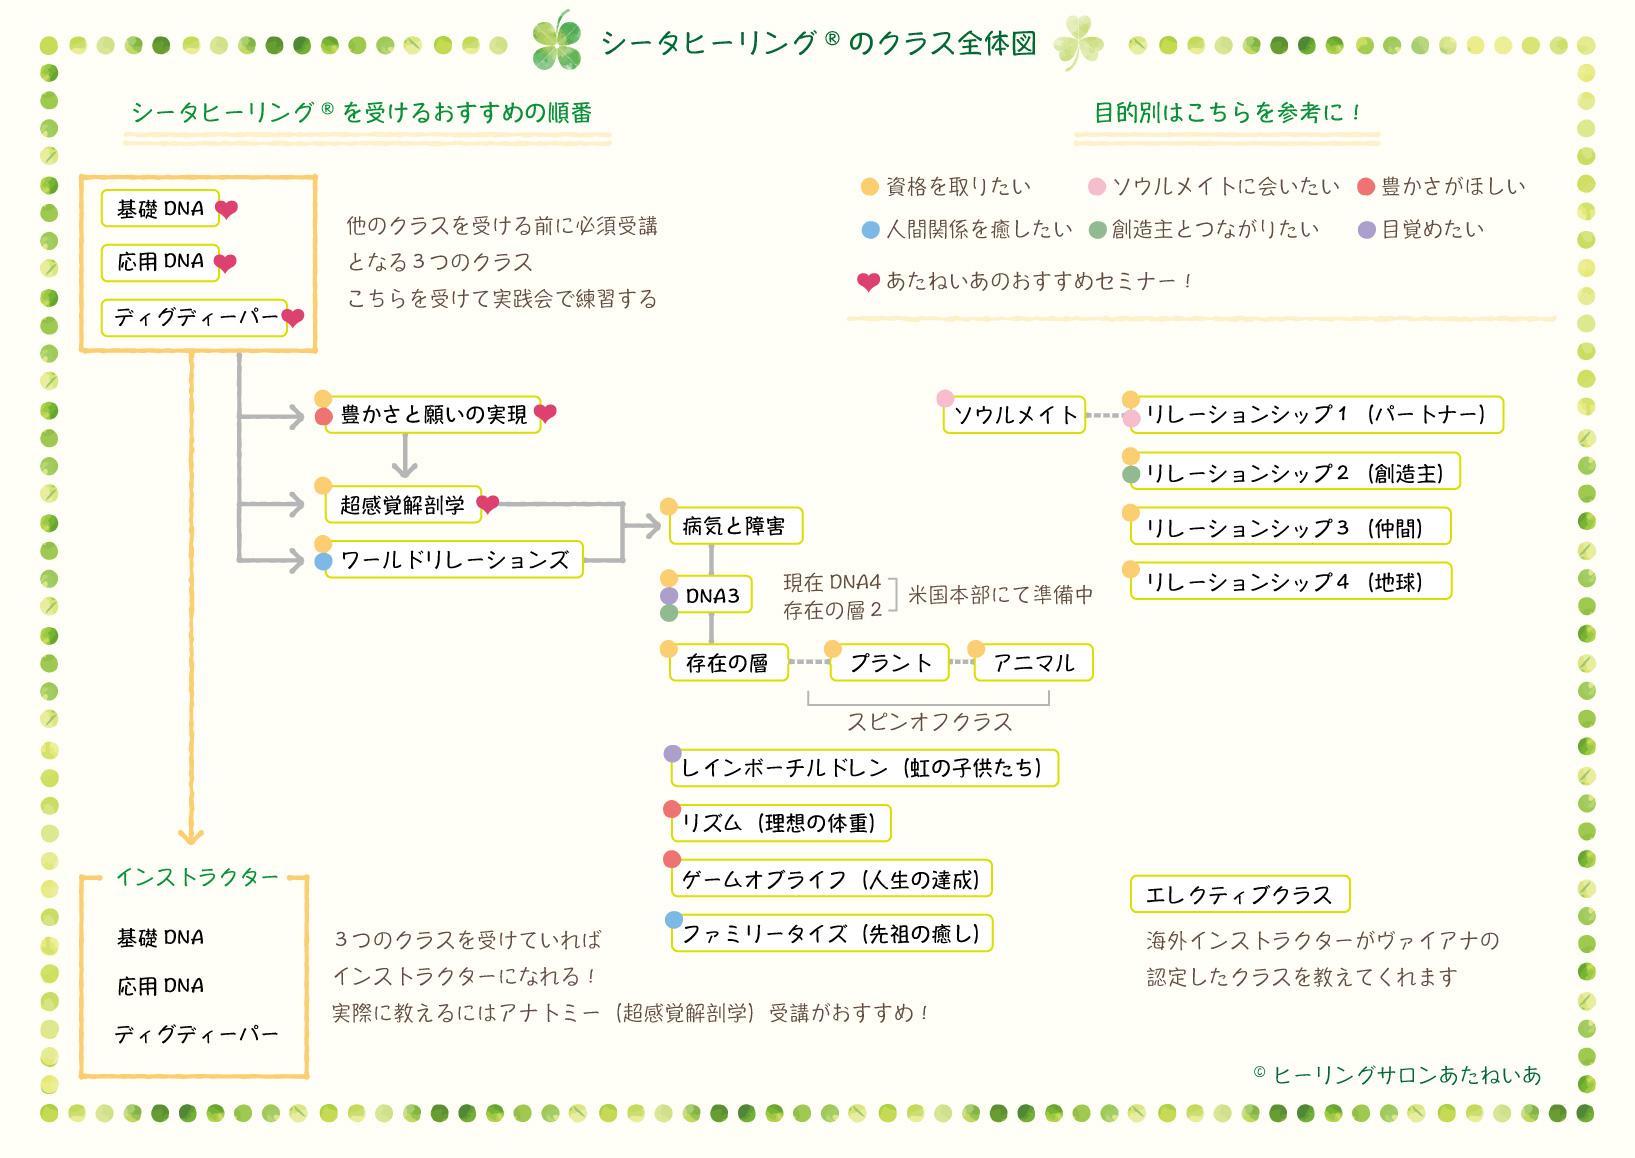 シータヒーリングクラス全体図